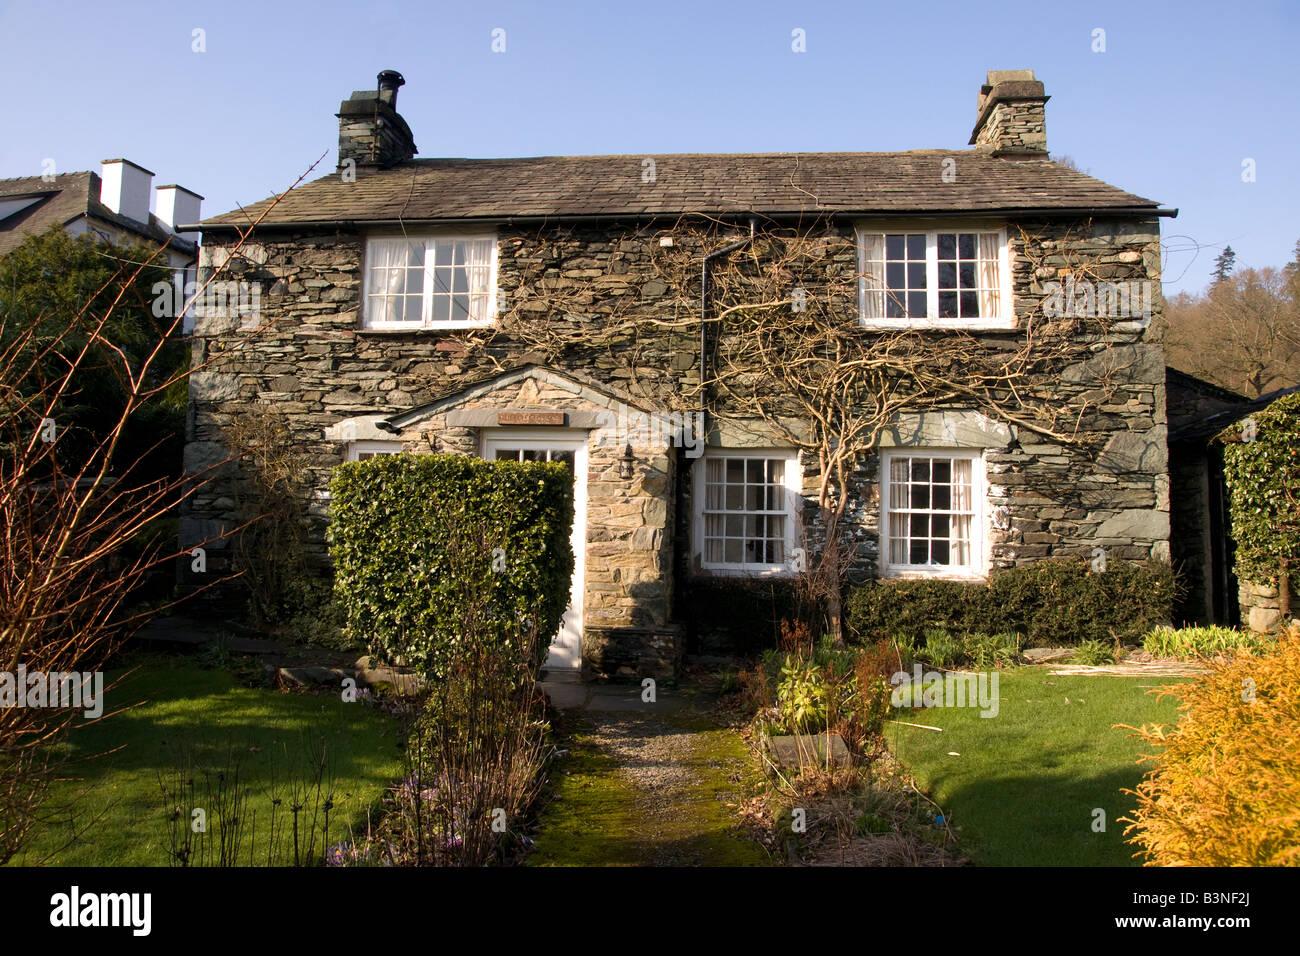 English stone cottage